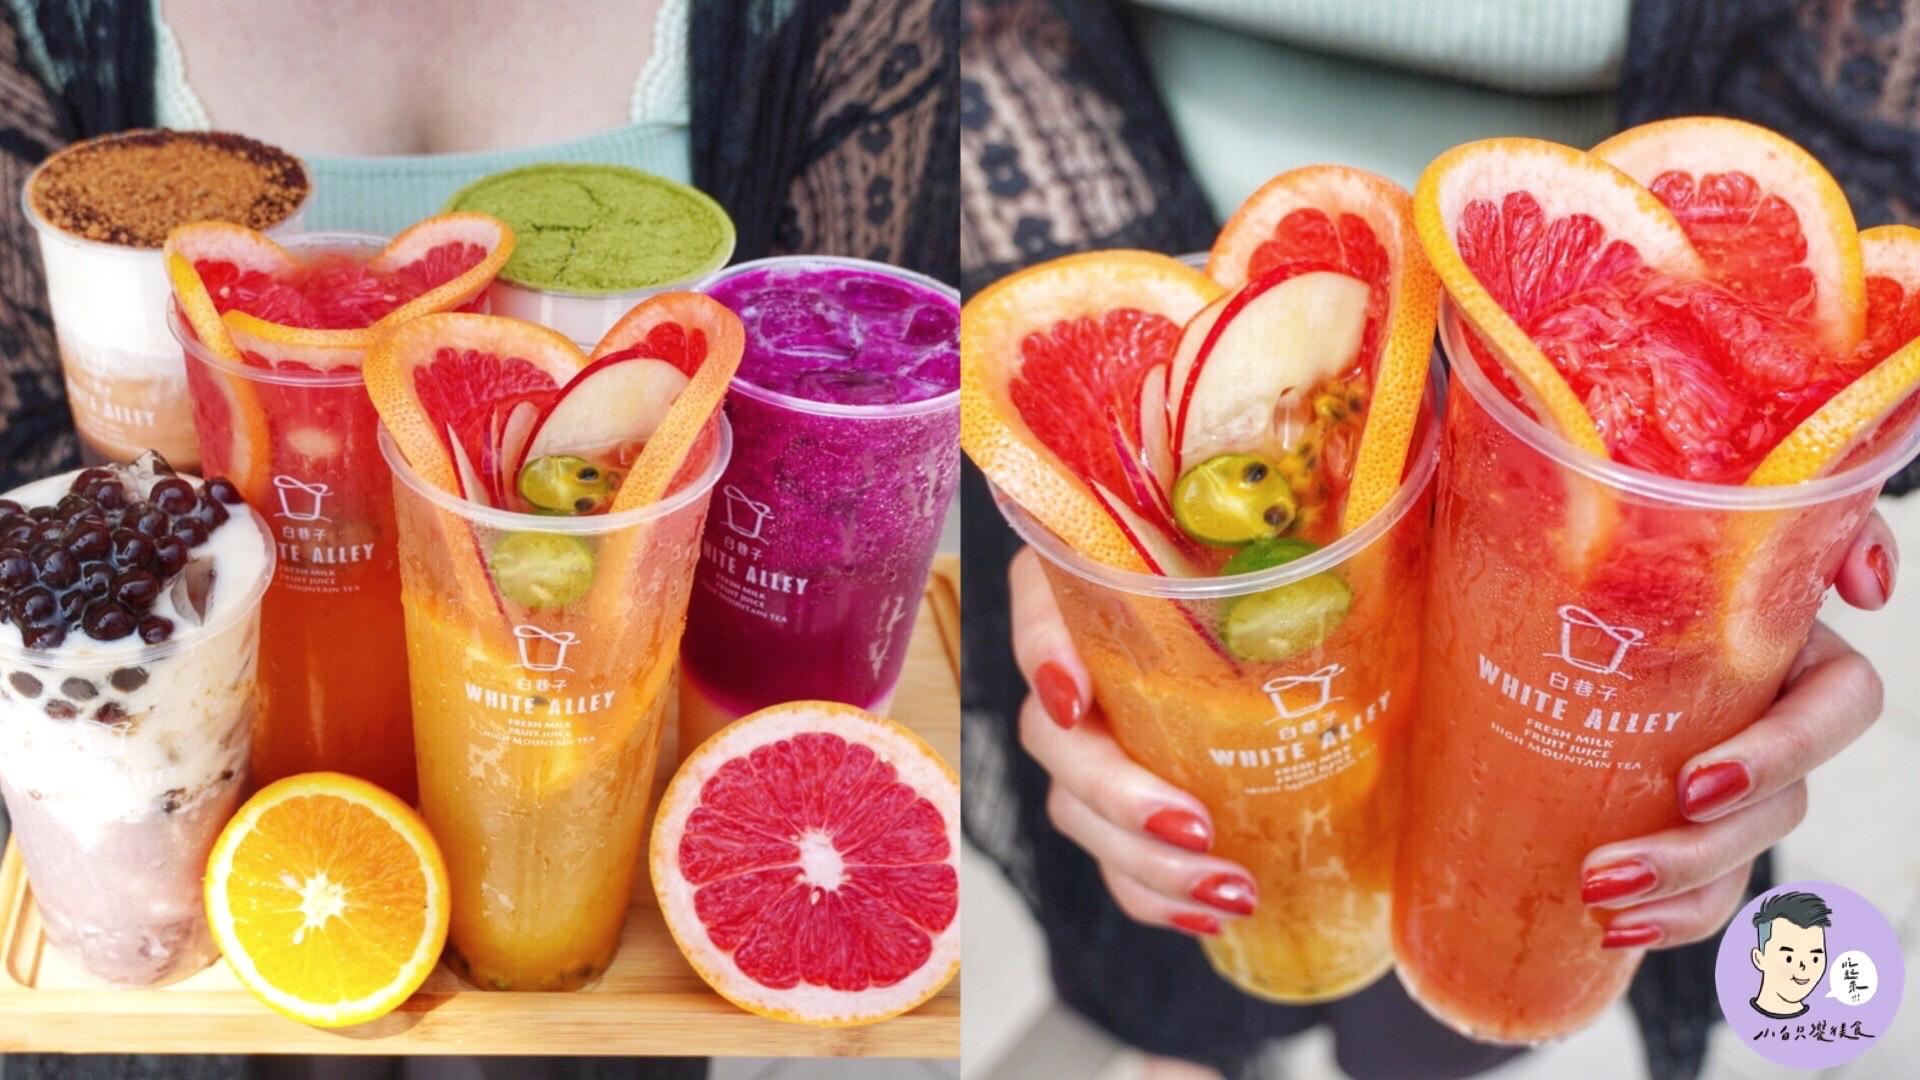 【台南美食】白巷子民族店 必喝火龍果+養樂多夢幻漸層/滿杯水果茶 全系列買五送一